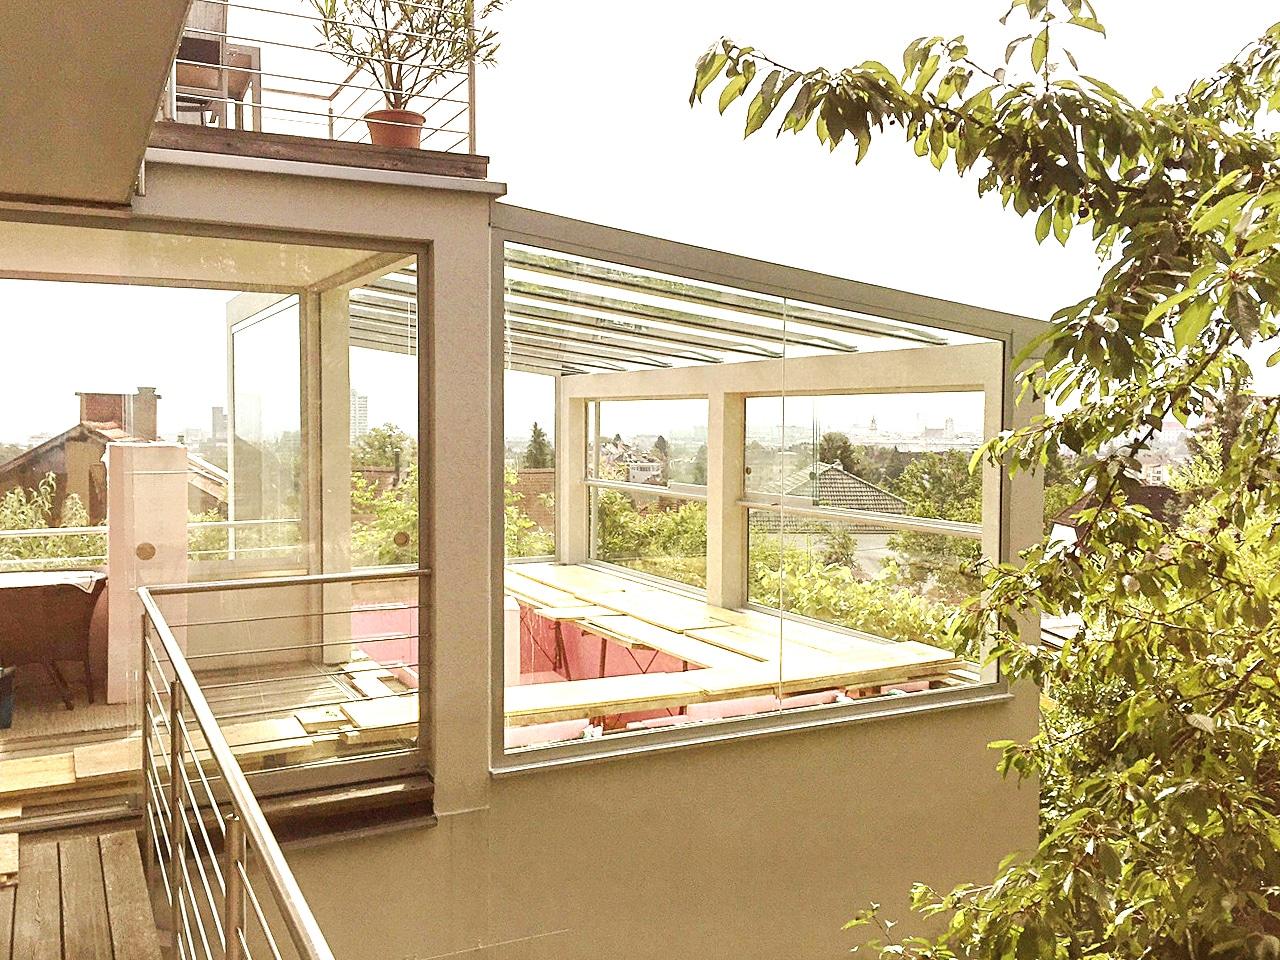 terrassen berdachung mit seitlichem sichtschutz mehr privatsph re. Black Bedroom Furniture Sets. Home Design Ideas